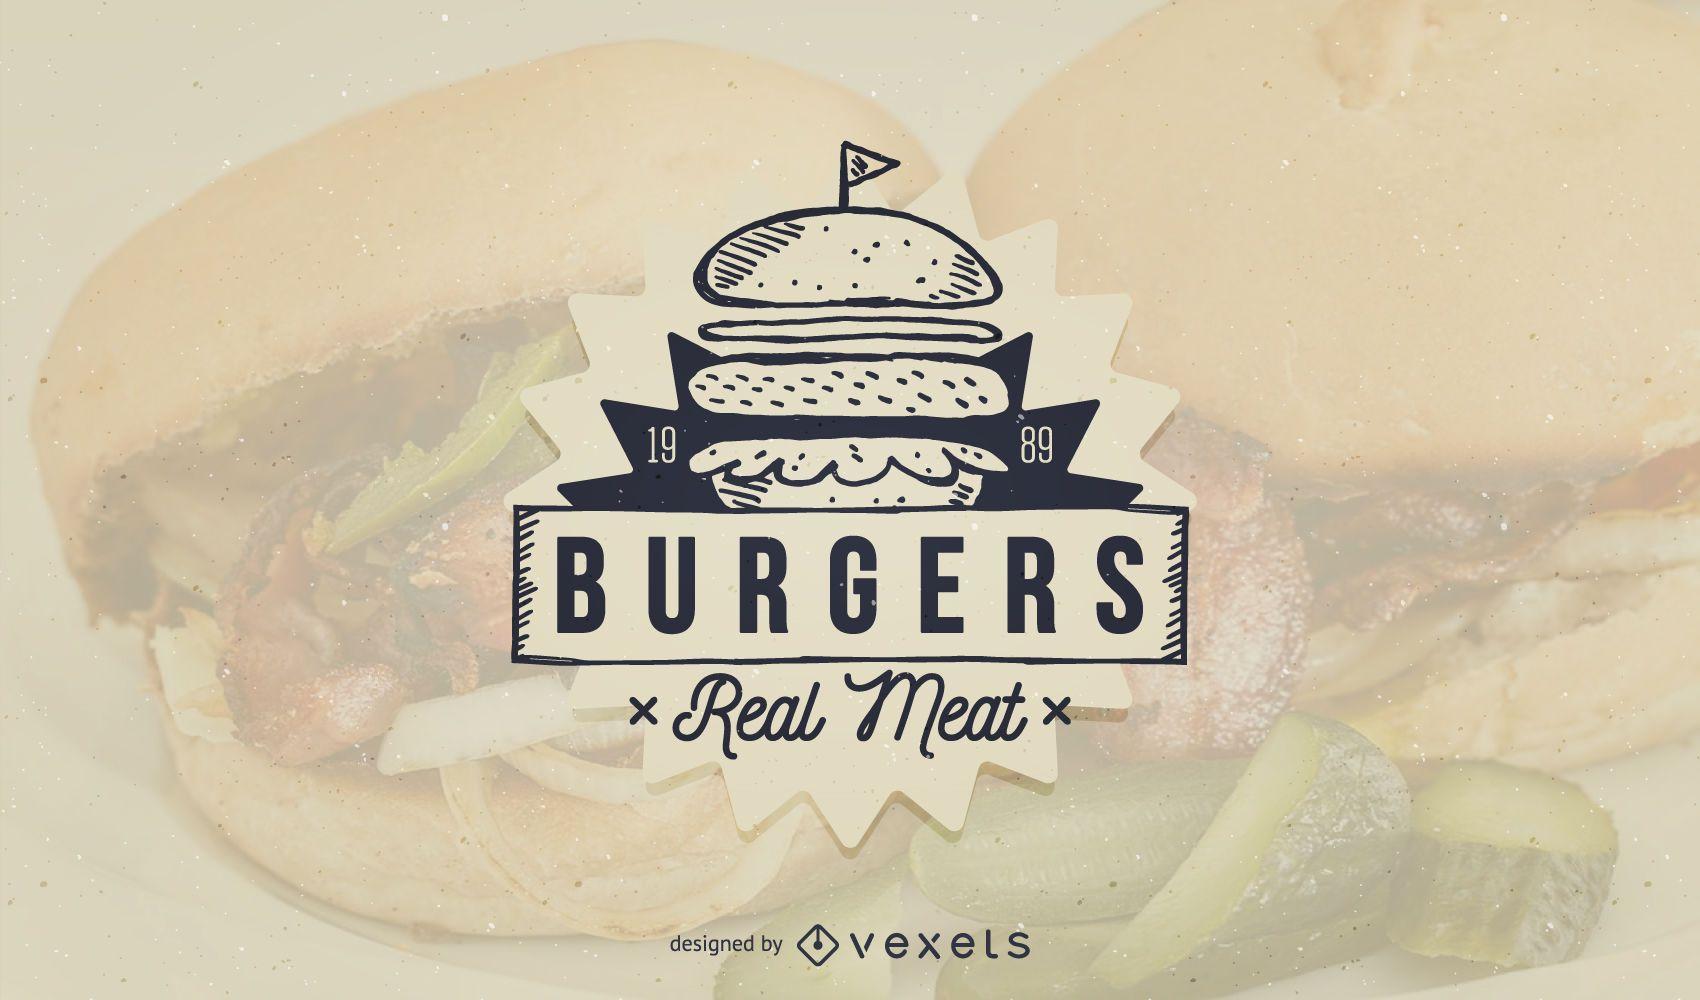 All Fast Food Restaurant Logos